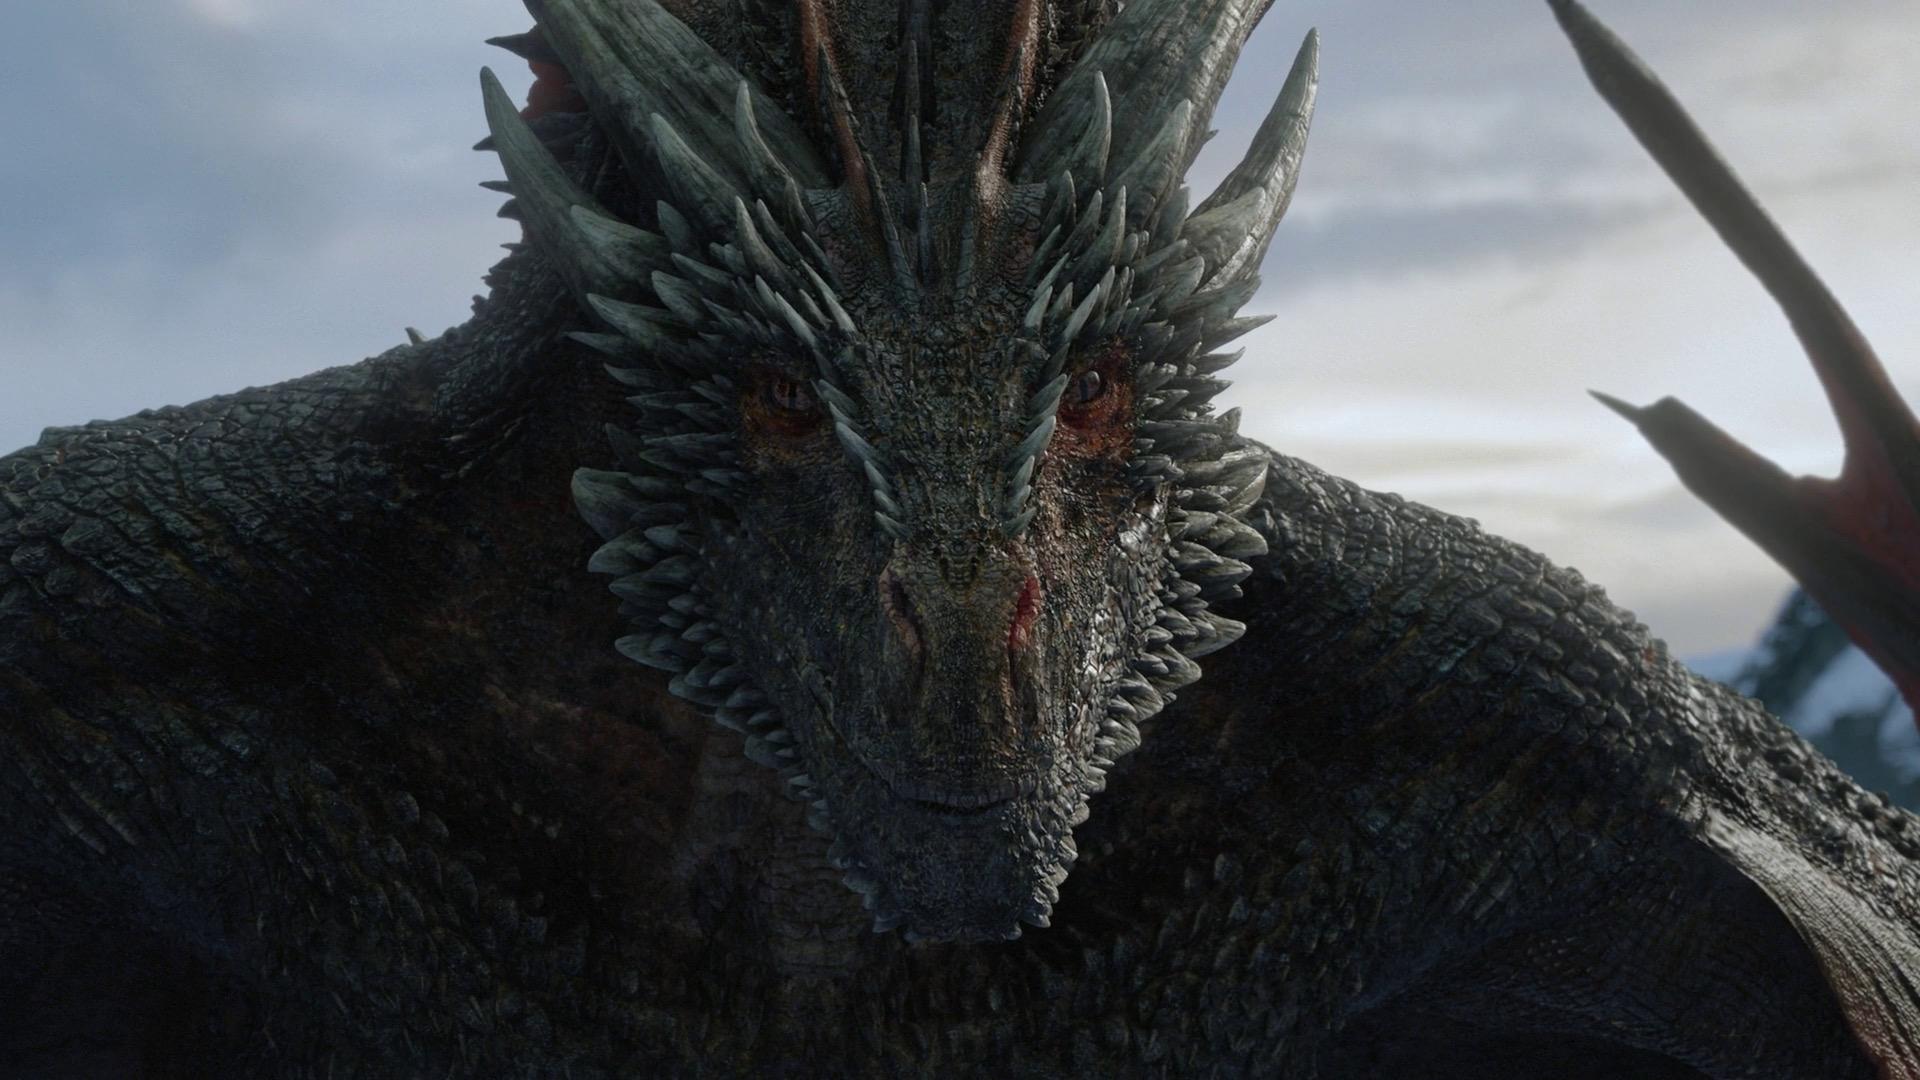 Game Of Thrones S8e1 Breakdown Daenerys Targaryen History Jon